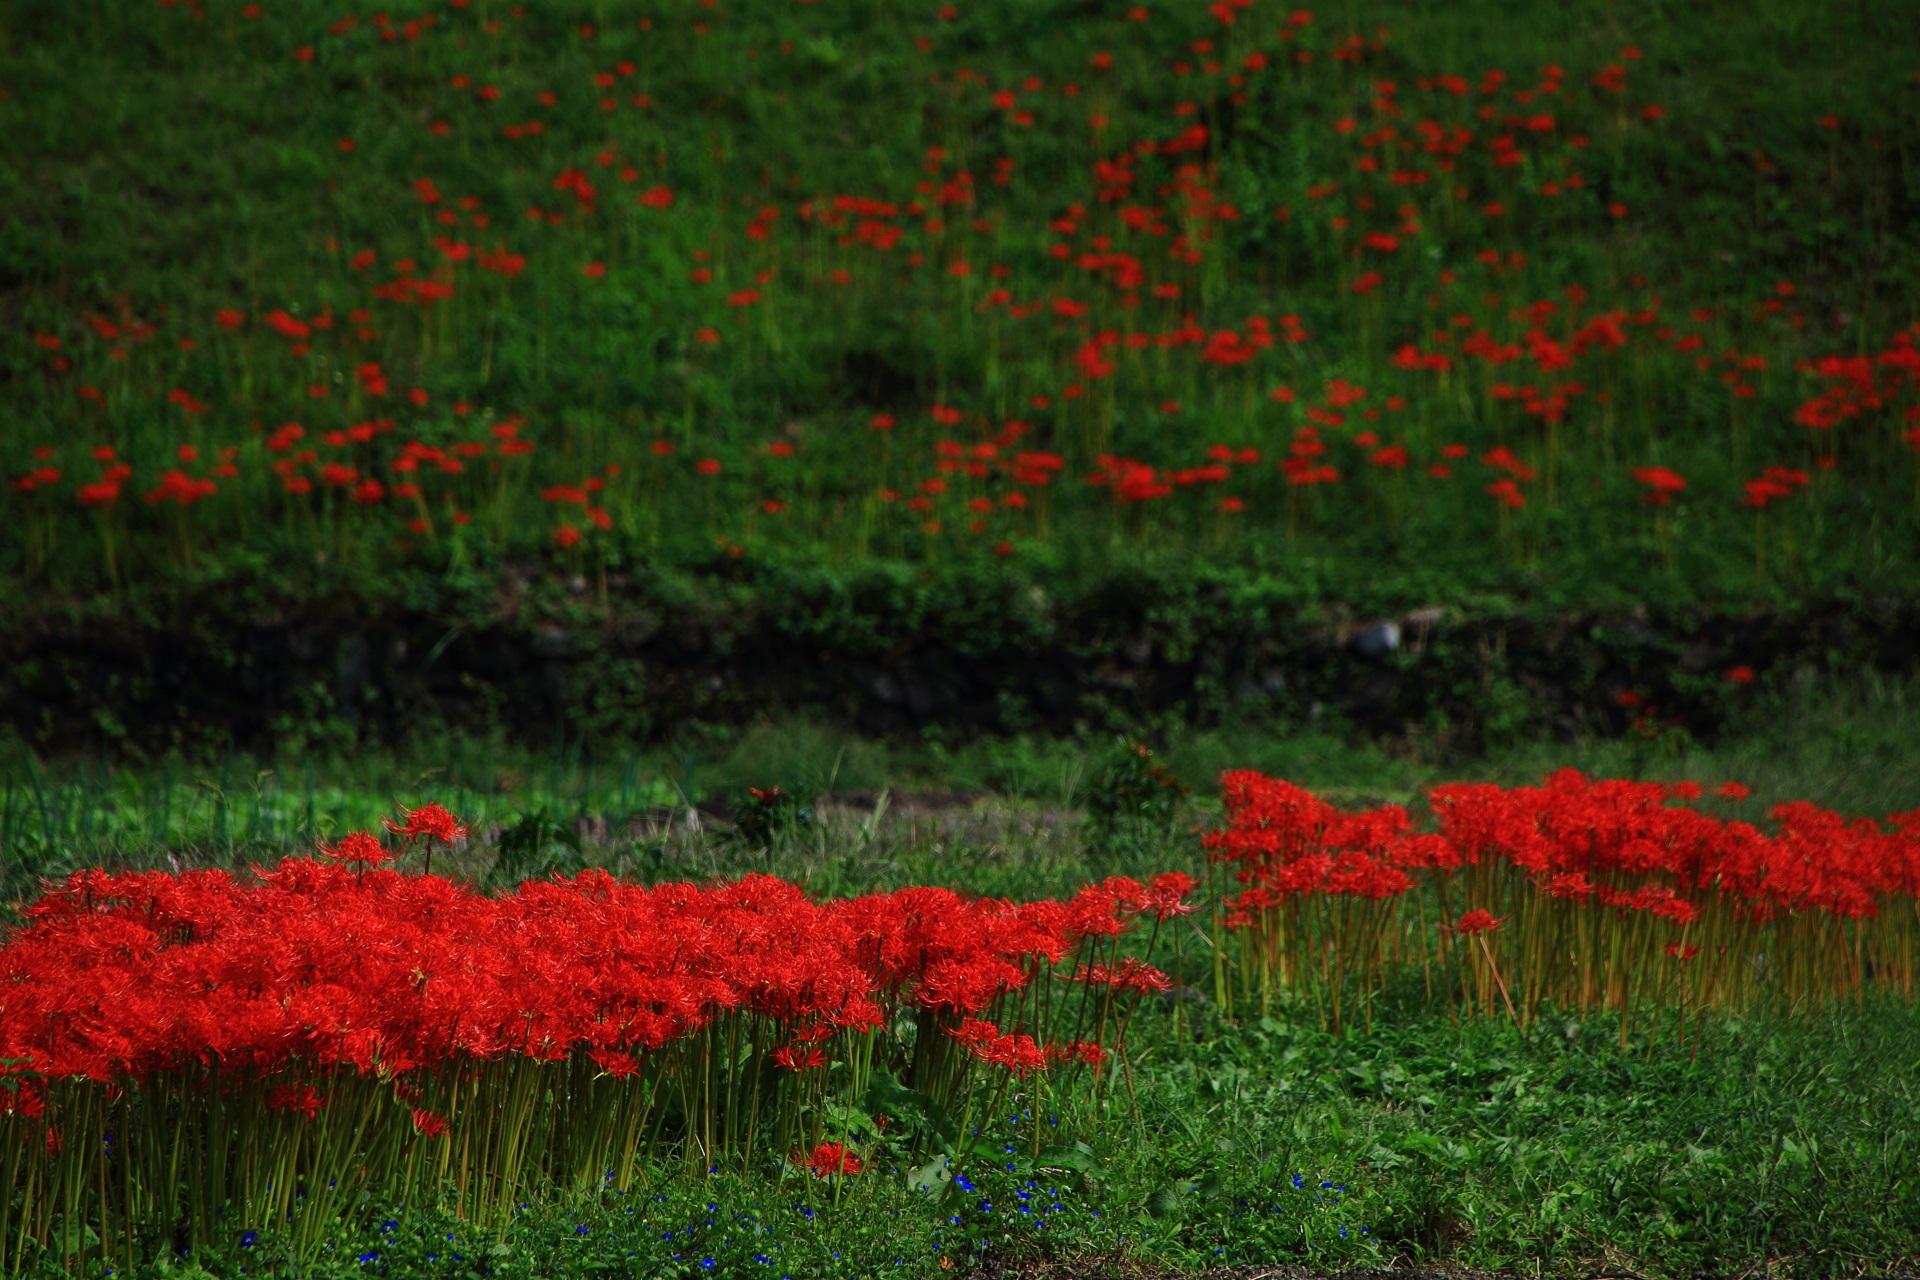 畦道に密集して見事に咲く赤い彼岸花